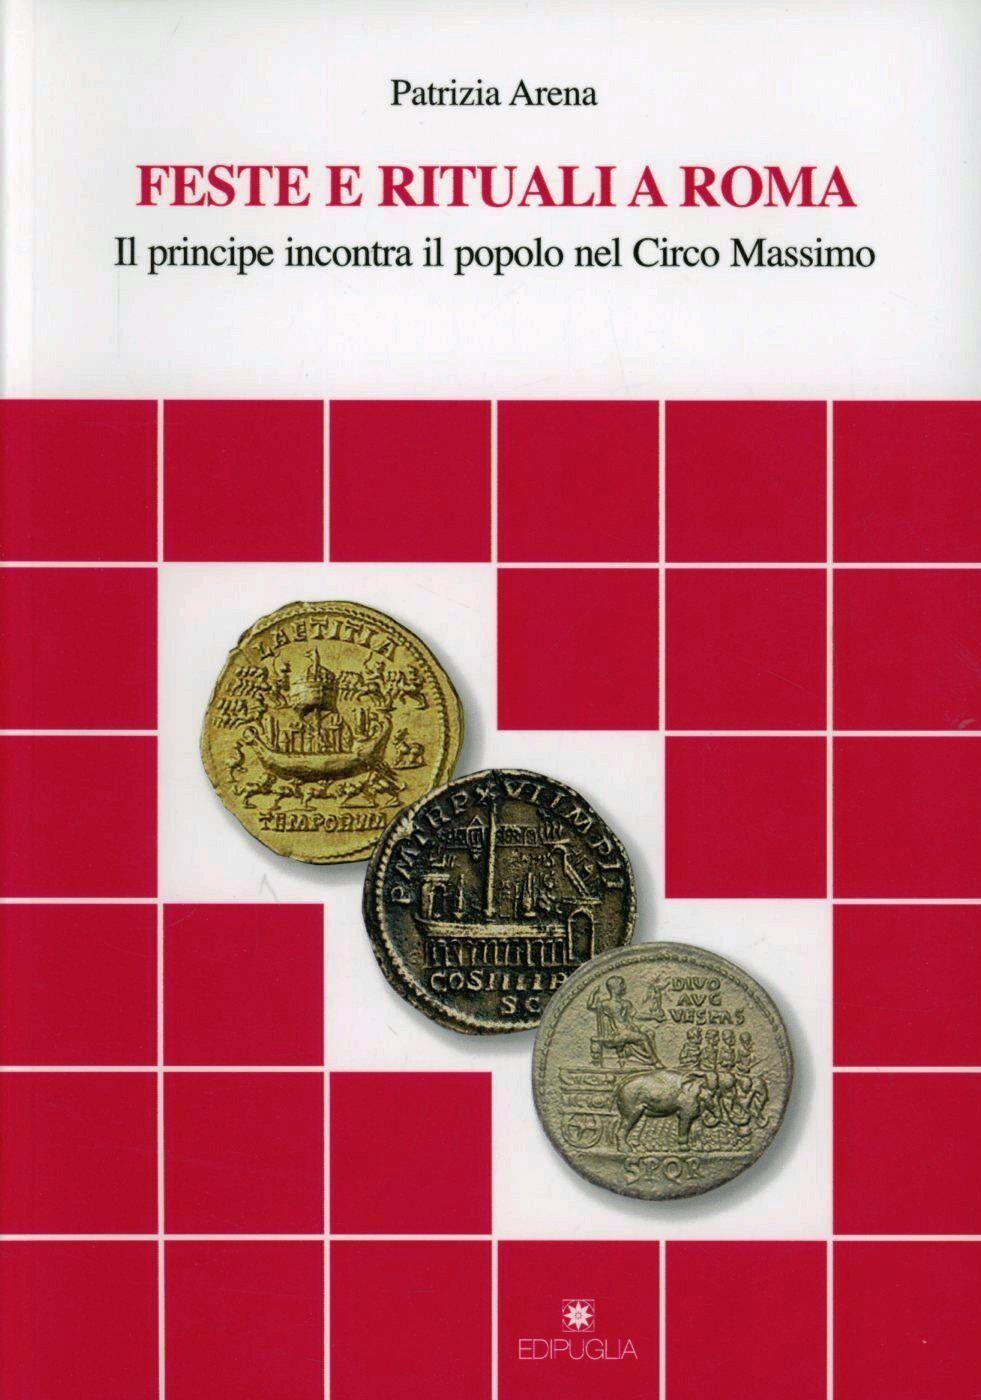 Feste e rituali a Roma. Il principe incontra il popolo al circo Massimo